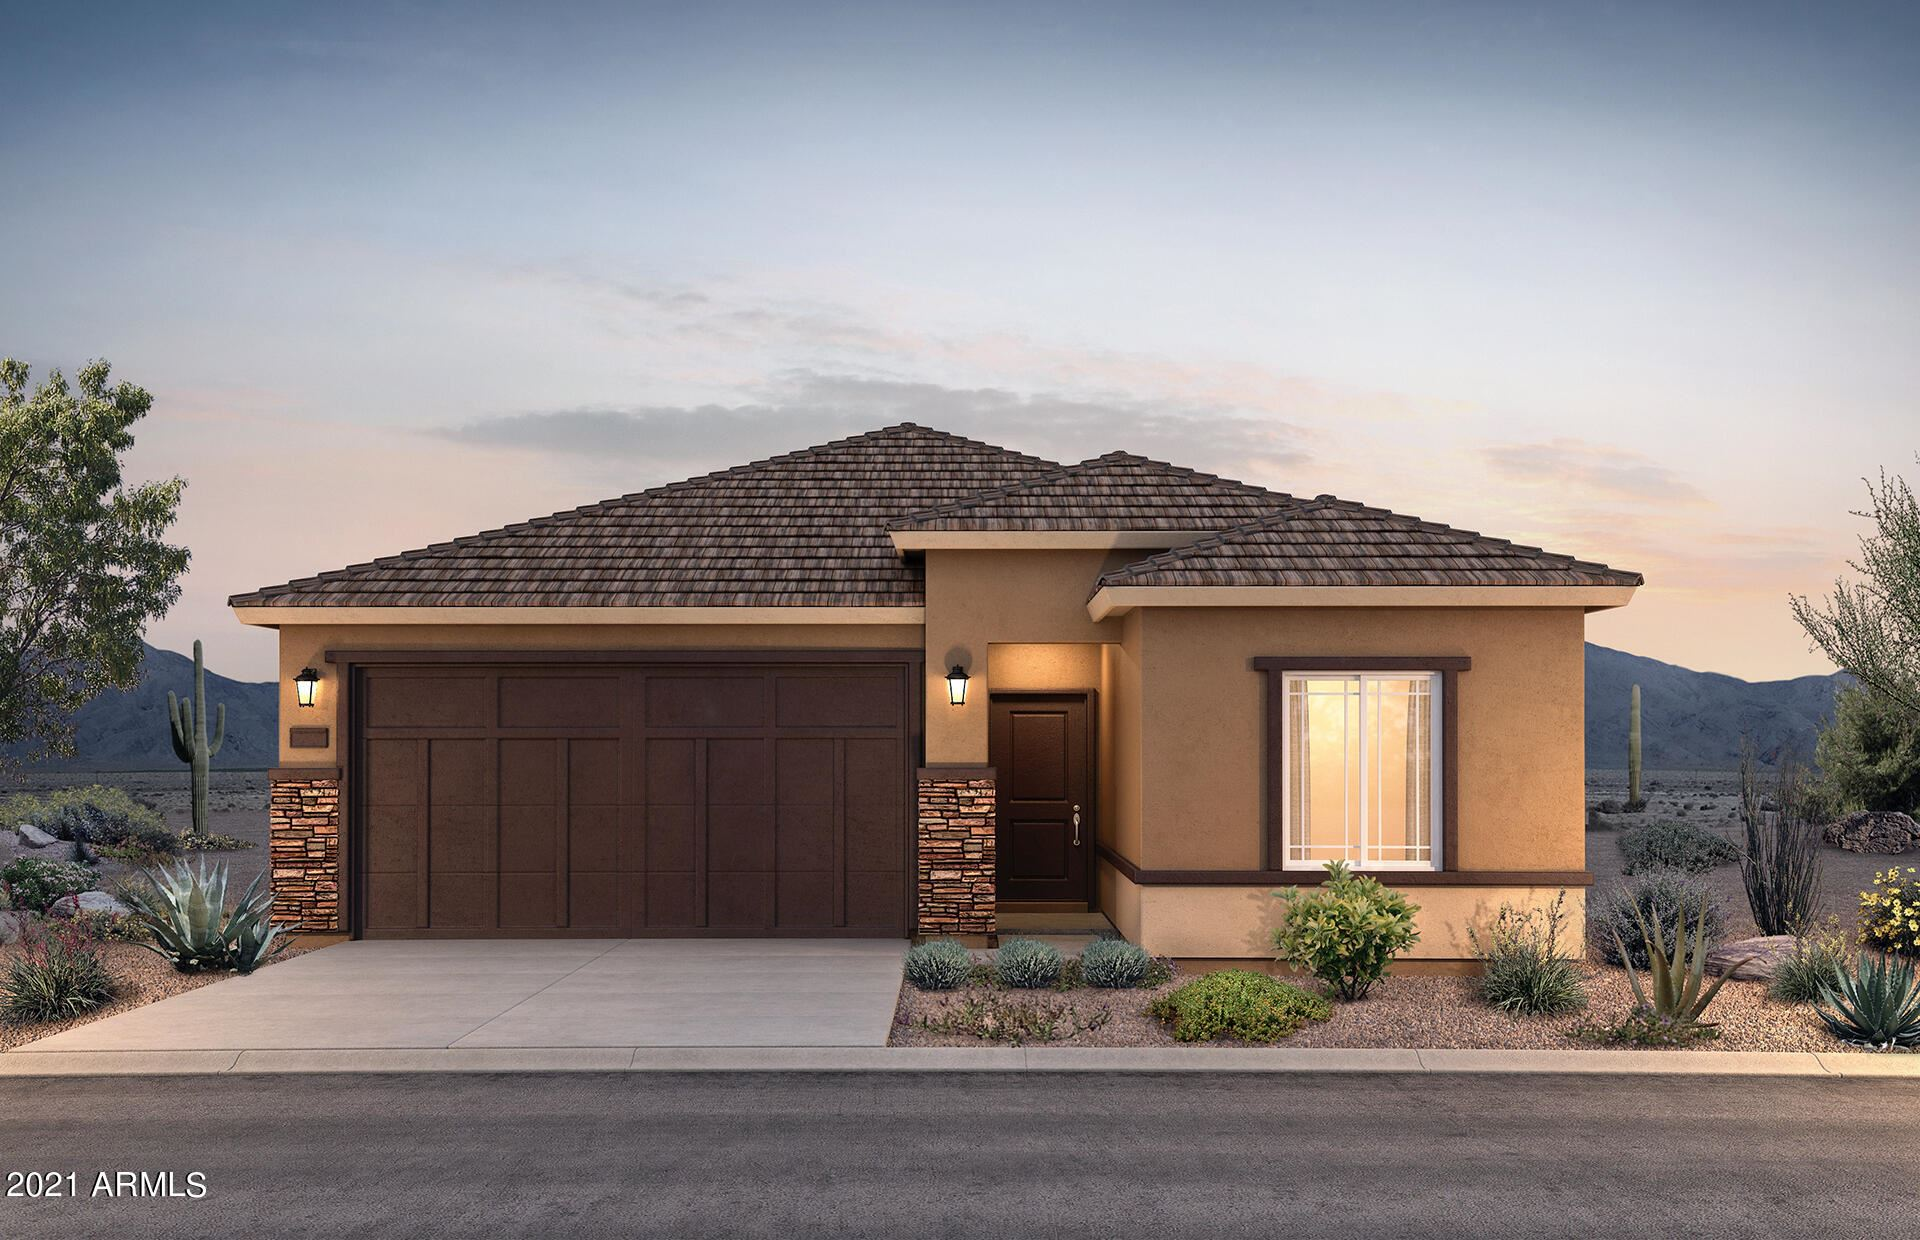 Photo for 18524 N DESERT WILLOW Drive, Maricopa, AZ 85138 (MLS # 6290459)